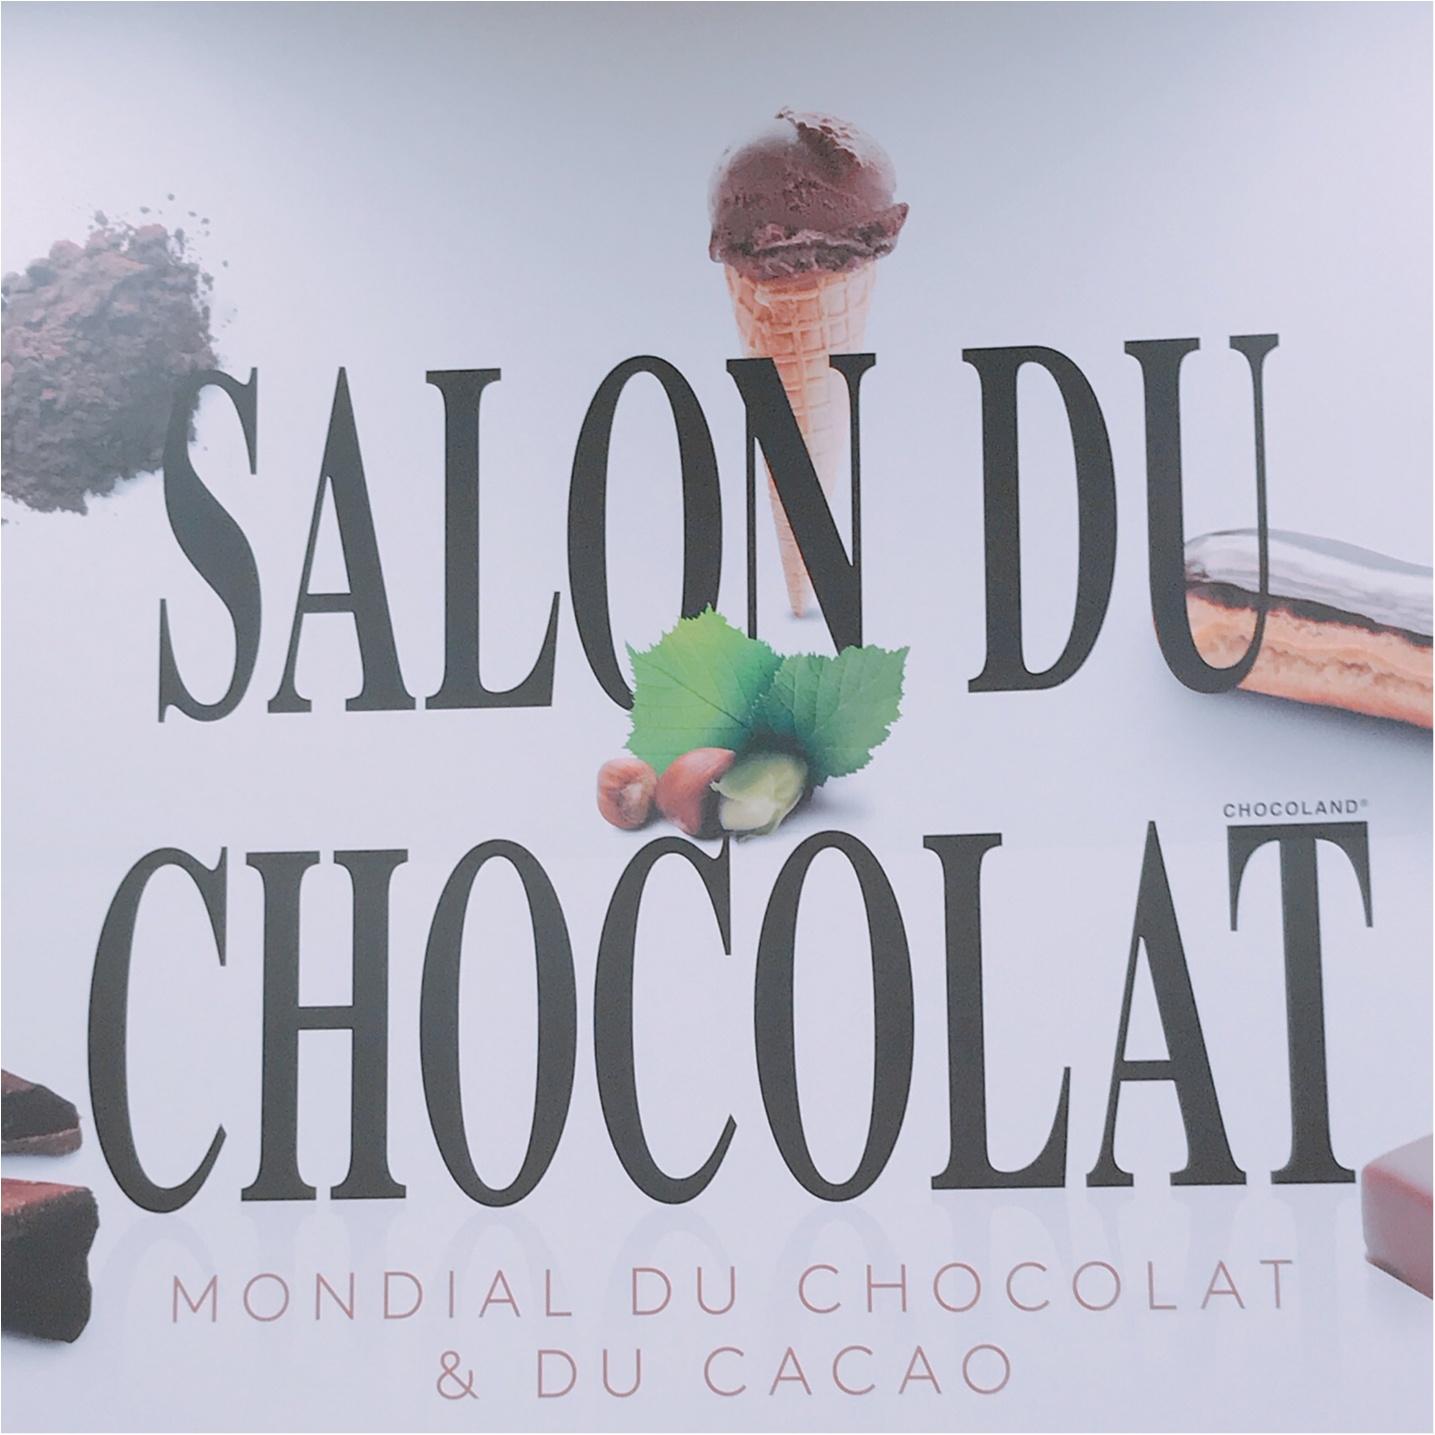 パリ発、チョコレートの祭典♡【SALON DU CHOCOLAT 2018(サロン・デュ・ショコラ)】に行くべき3つの理由!_8